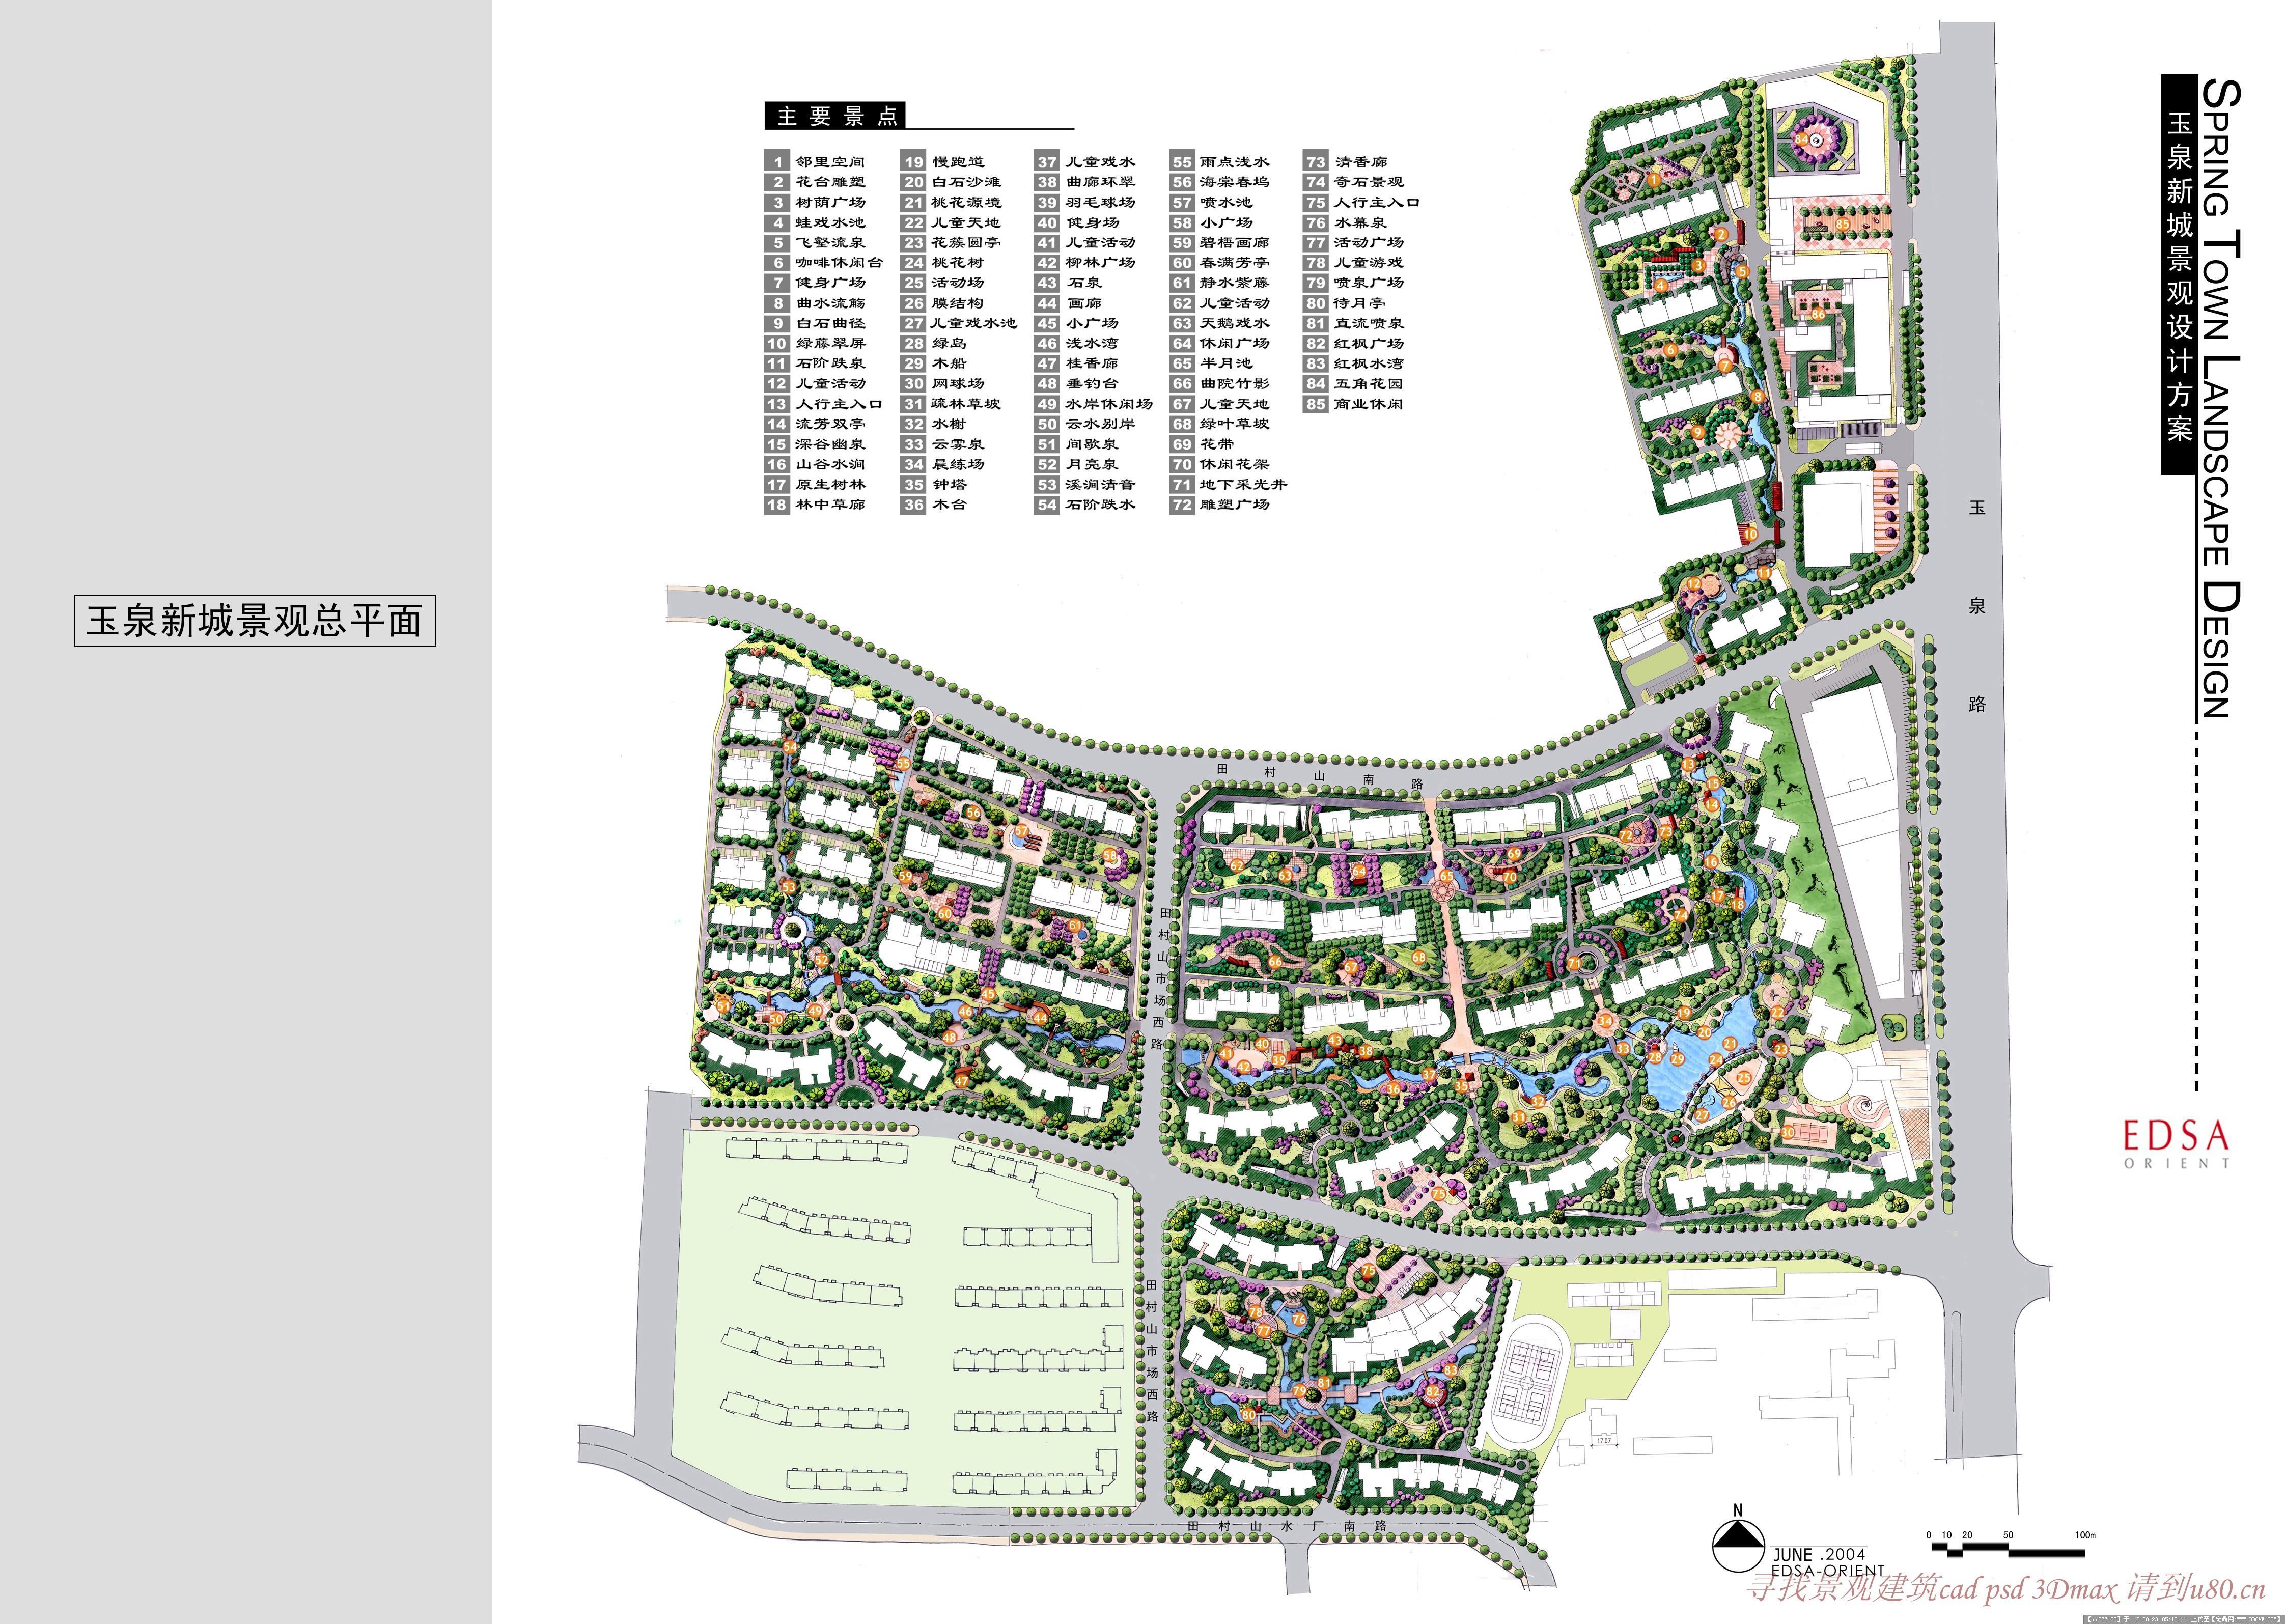 规划类高清彩色平面图的图片浏览,园林效果图,其他,.